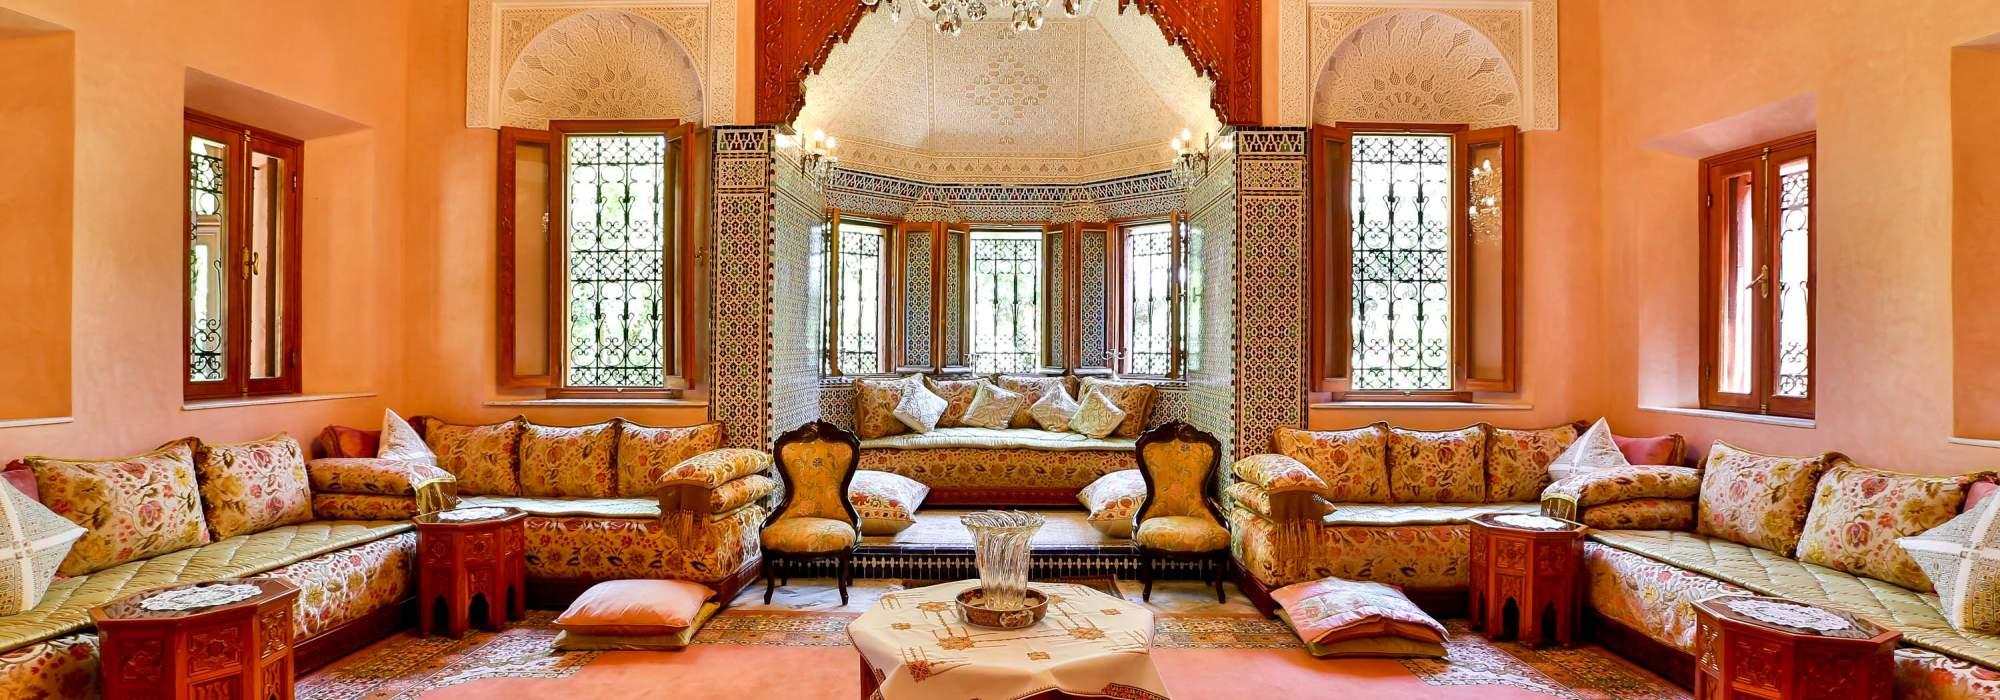 vente villa marocaine a la palmeraie marrakech